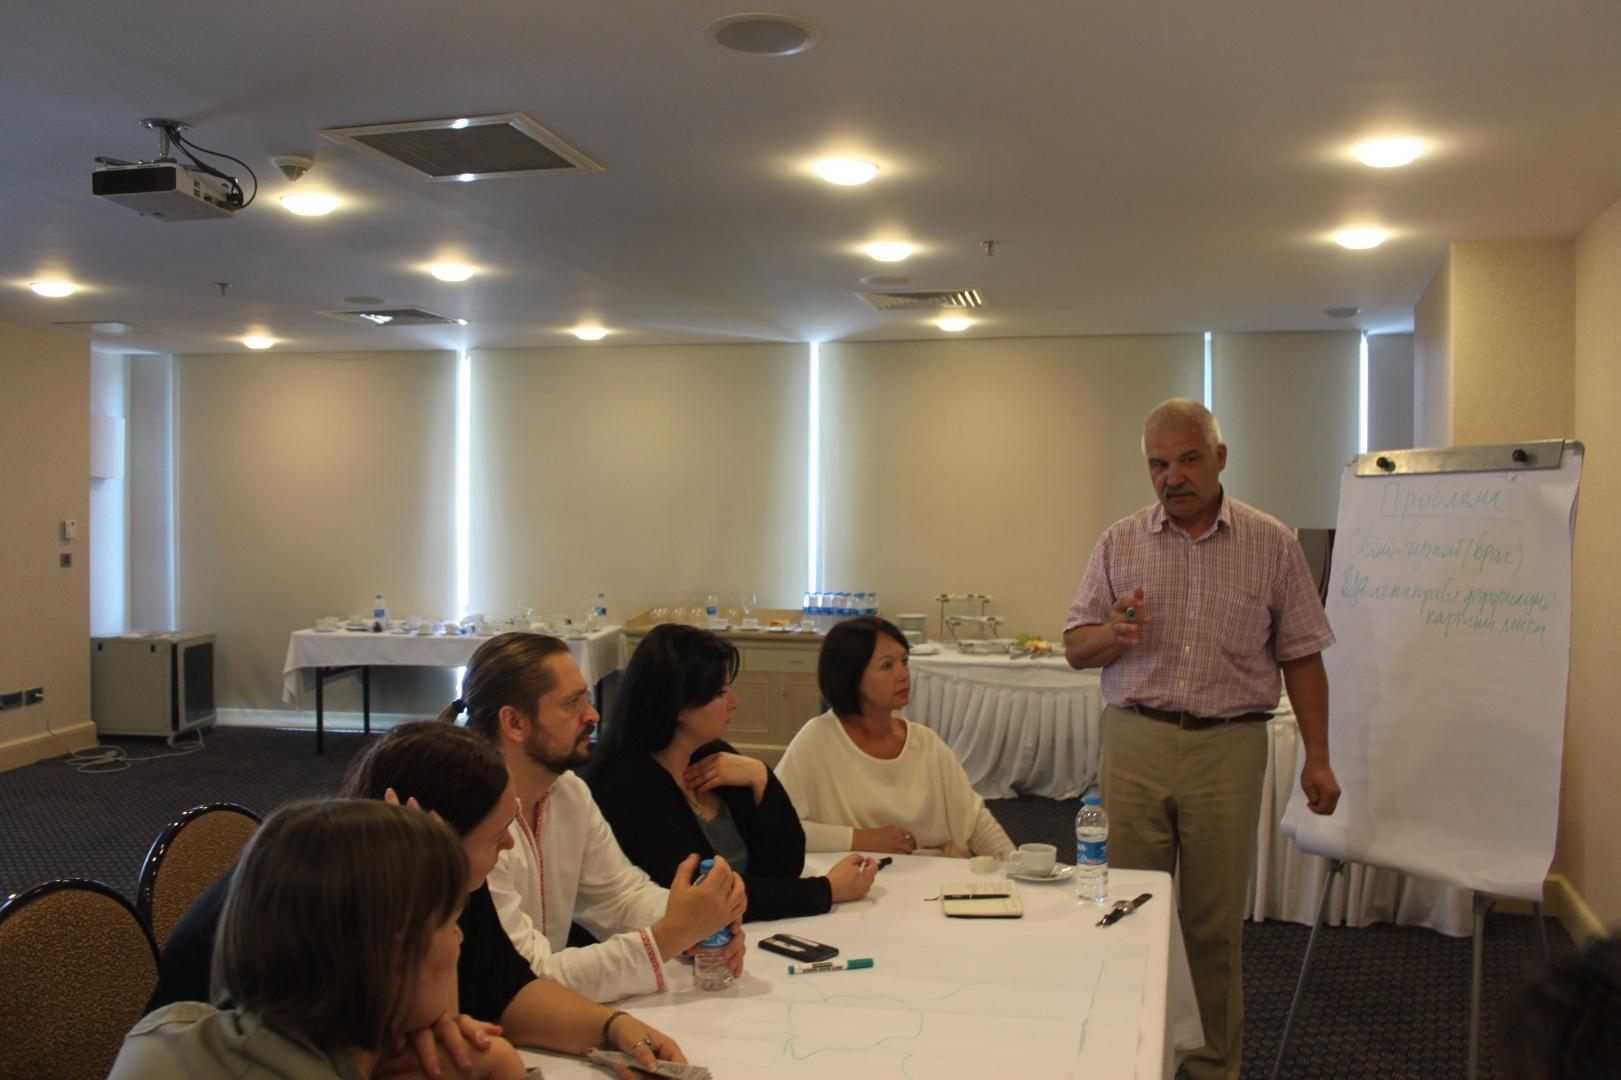 Стамбул, июнь 2015 г. «Диалог Украина-Россия», презентация проекта «Критическое мышление для гражданского общества»